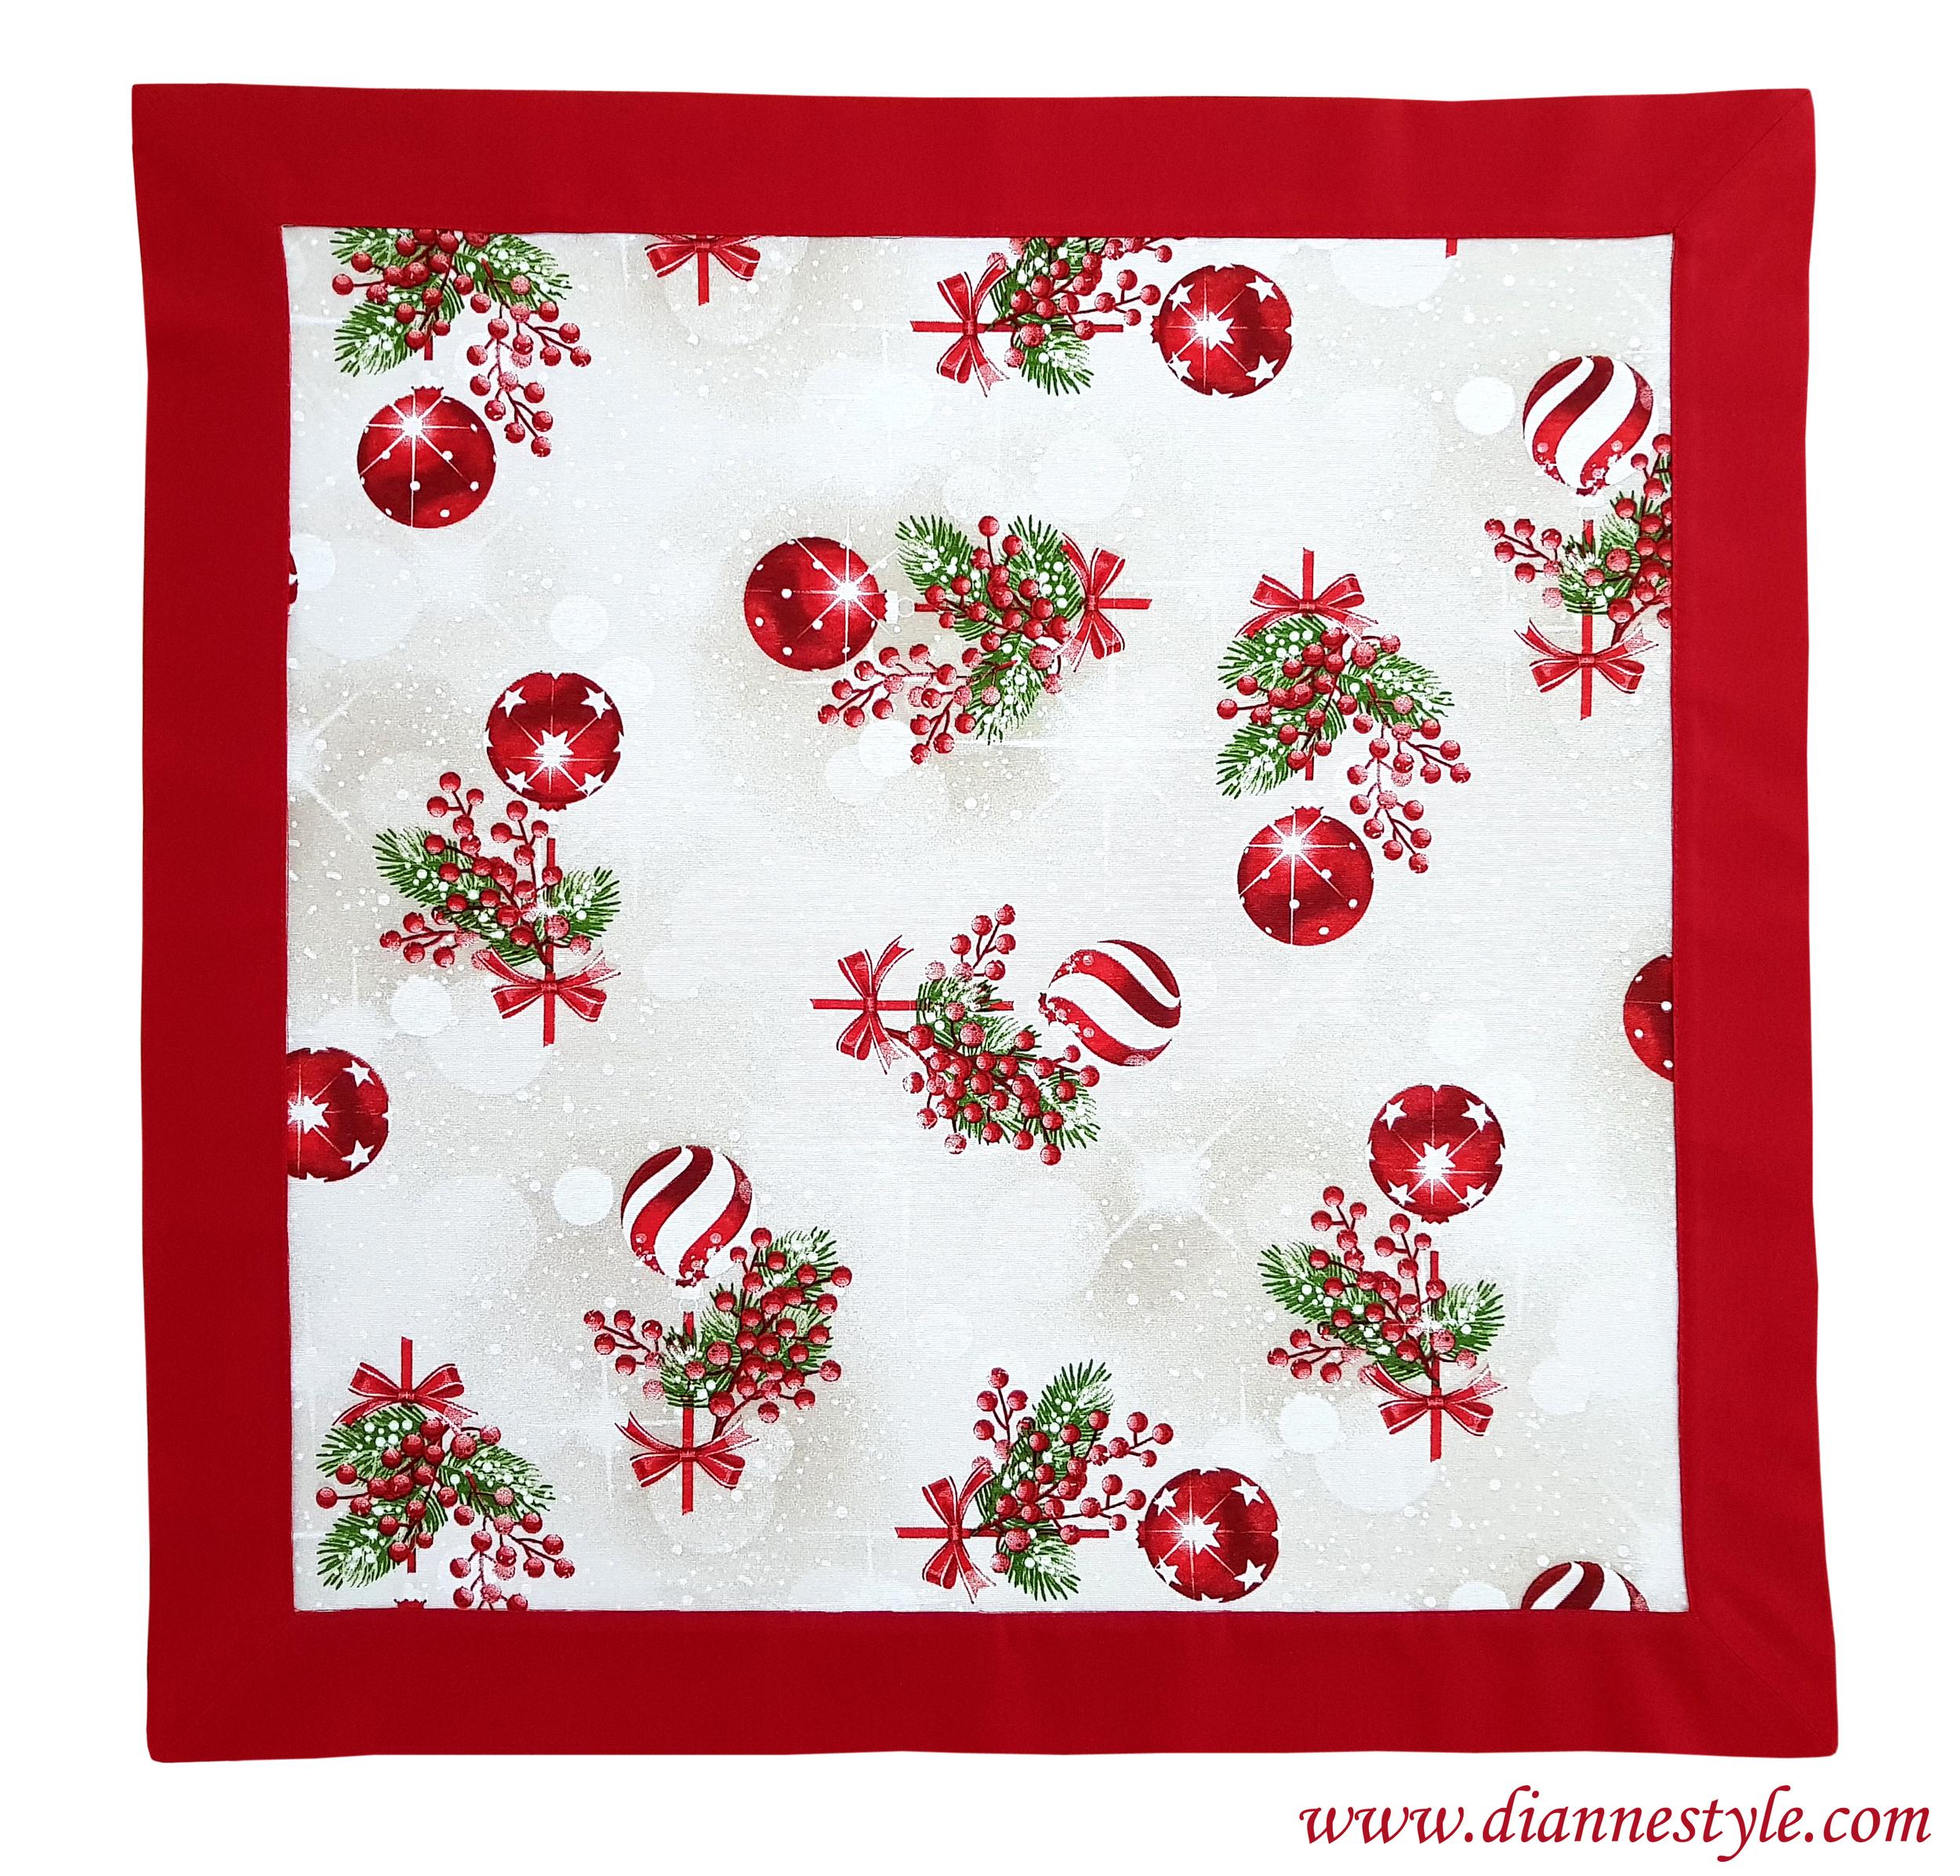 Napperon de Noël avec bordure rouge. 85x85 cm. Réf. 277